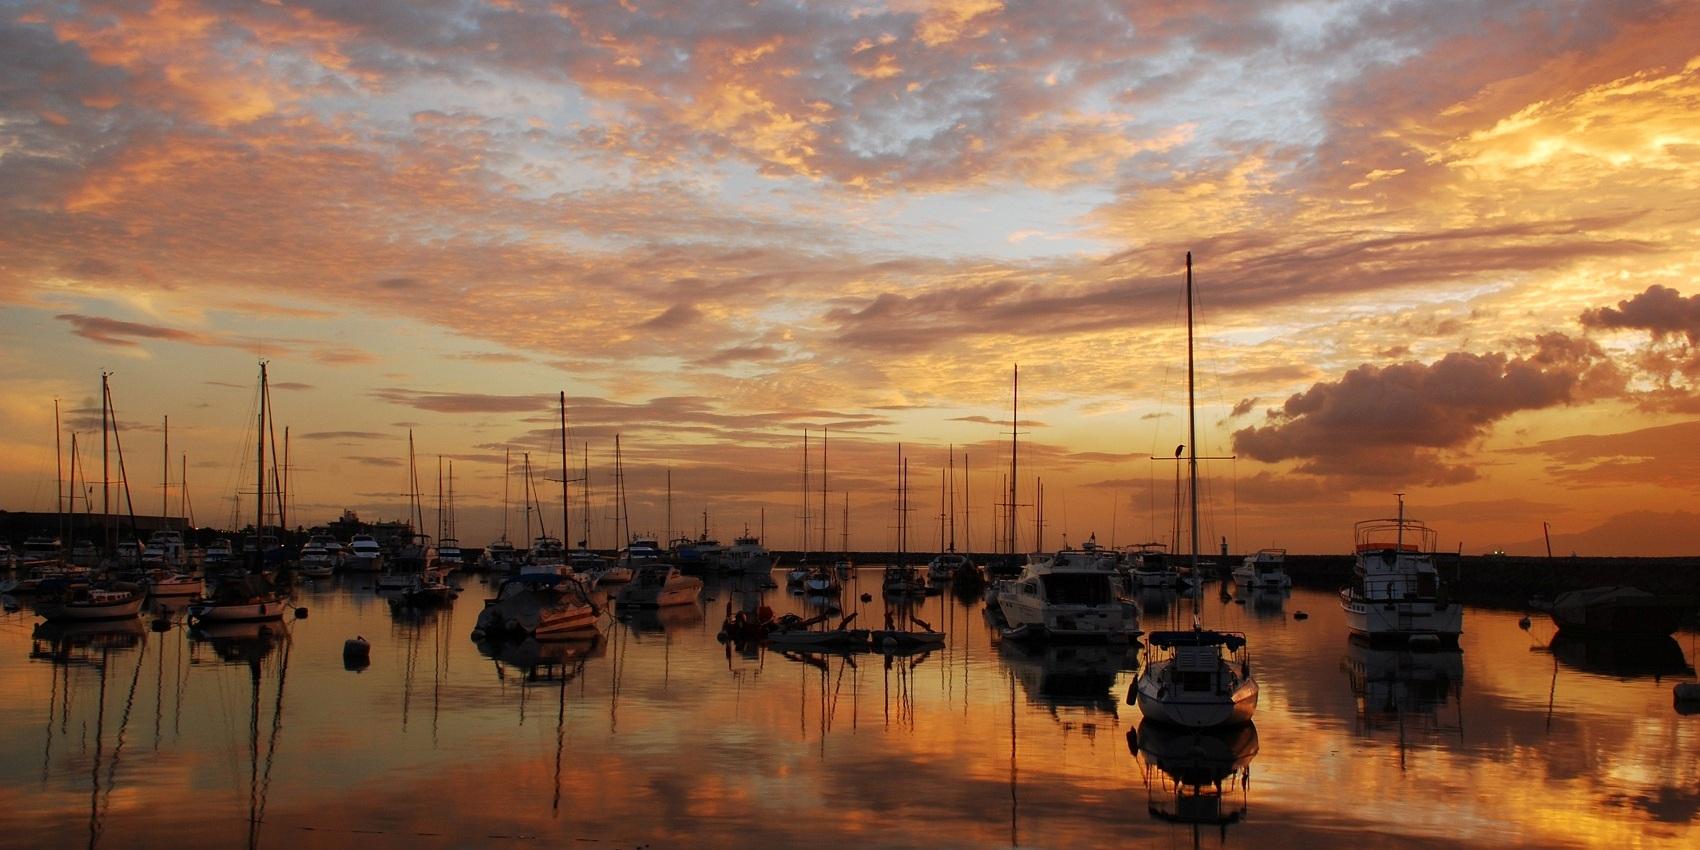 ヨットハーバーから見るマニラ湾の夕景 (Manila Bay Sunset, Manila Yacht Harbor)